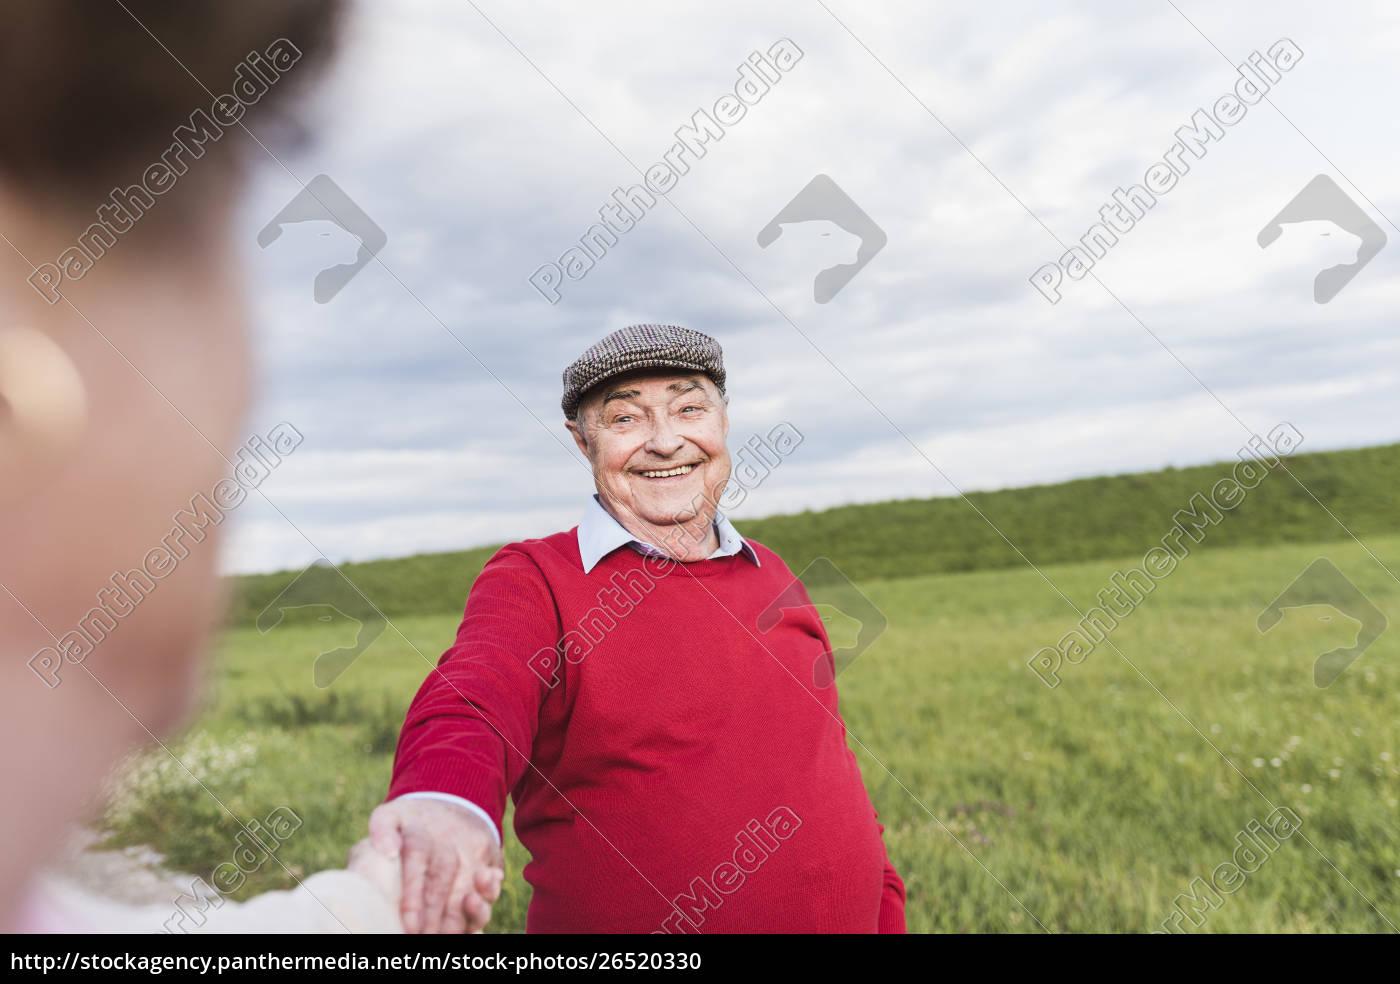 glücklicher, senior, mann, lächelt, frau, in - 26520330